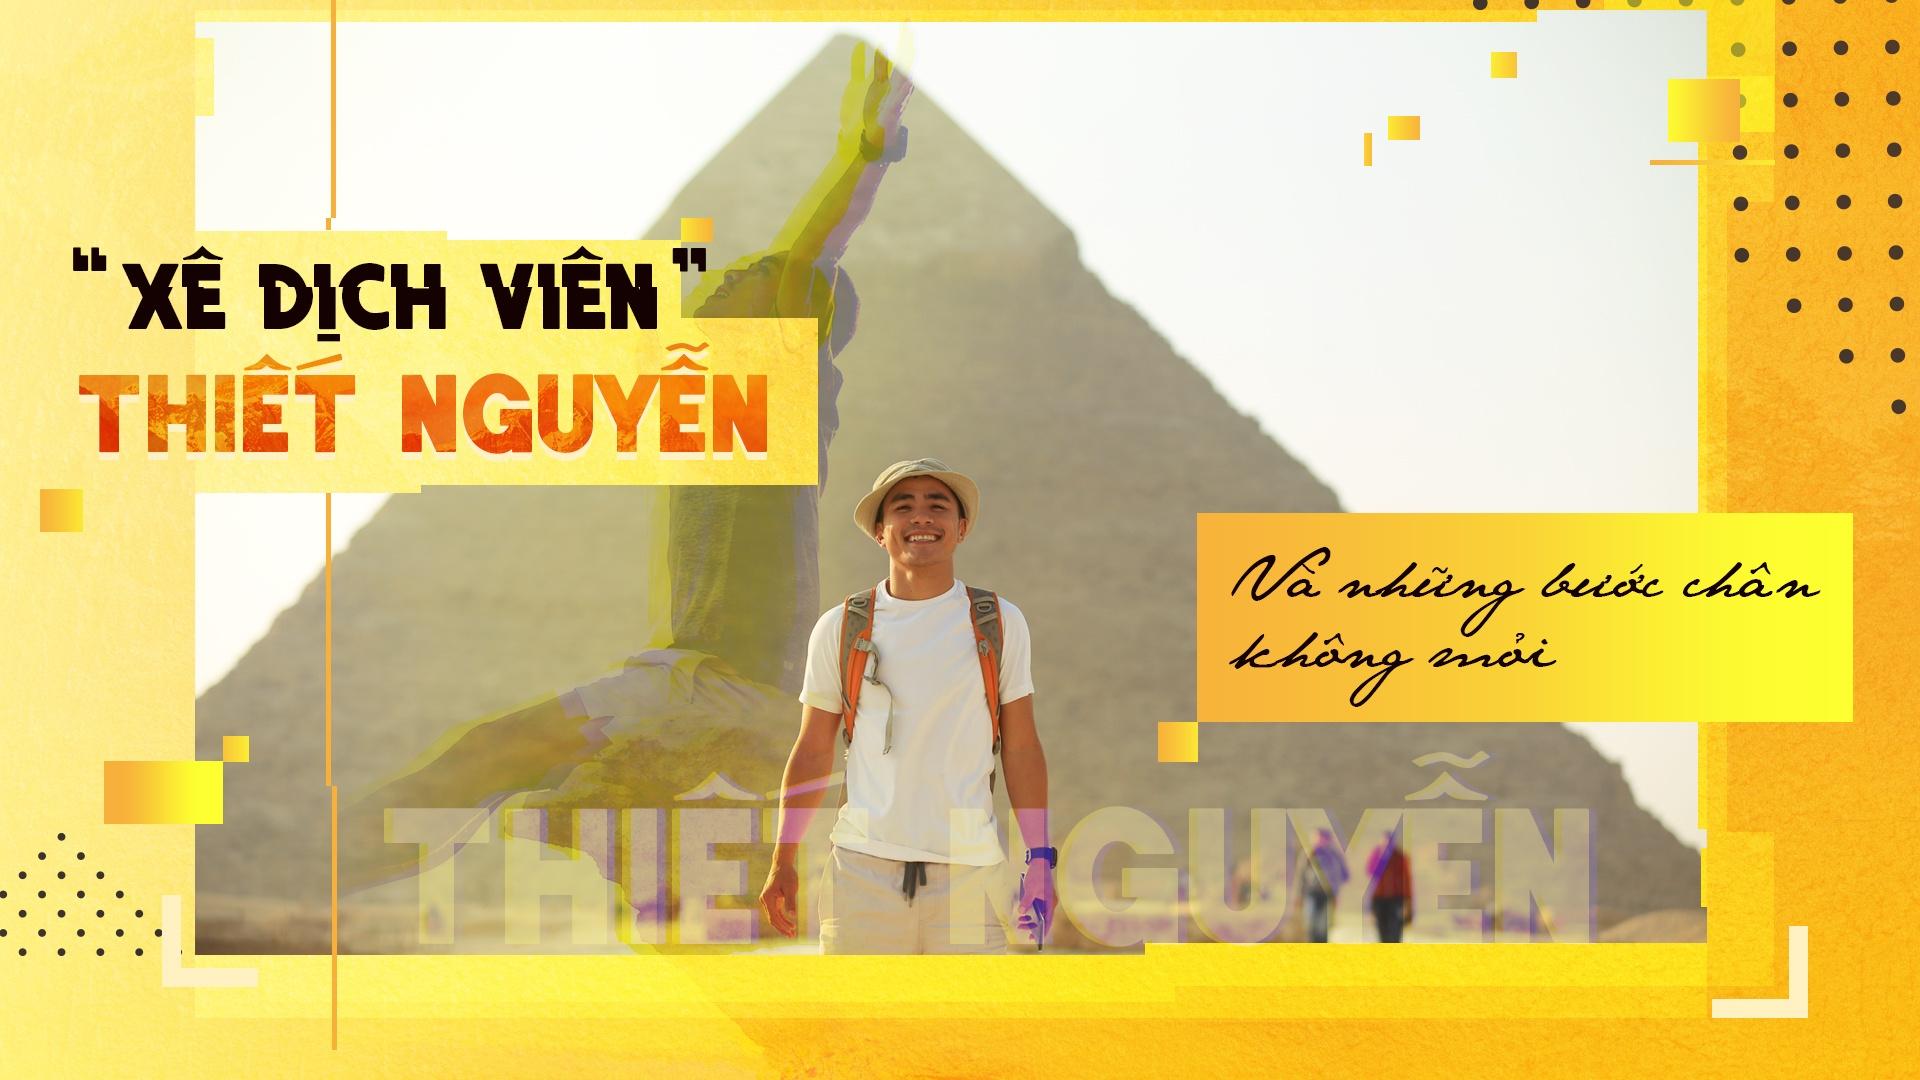 'Xe dich vien' Thiet Nguyen va nhung buoc chan khong moi hinh anh 2